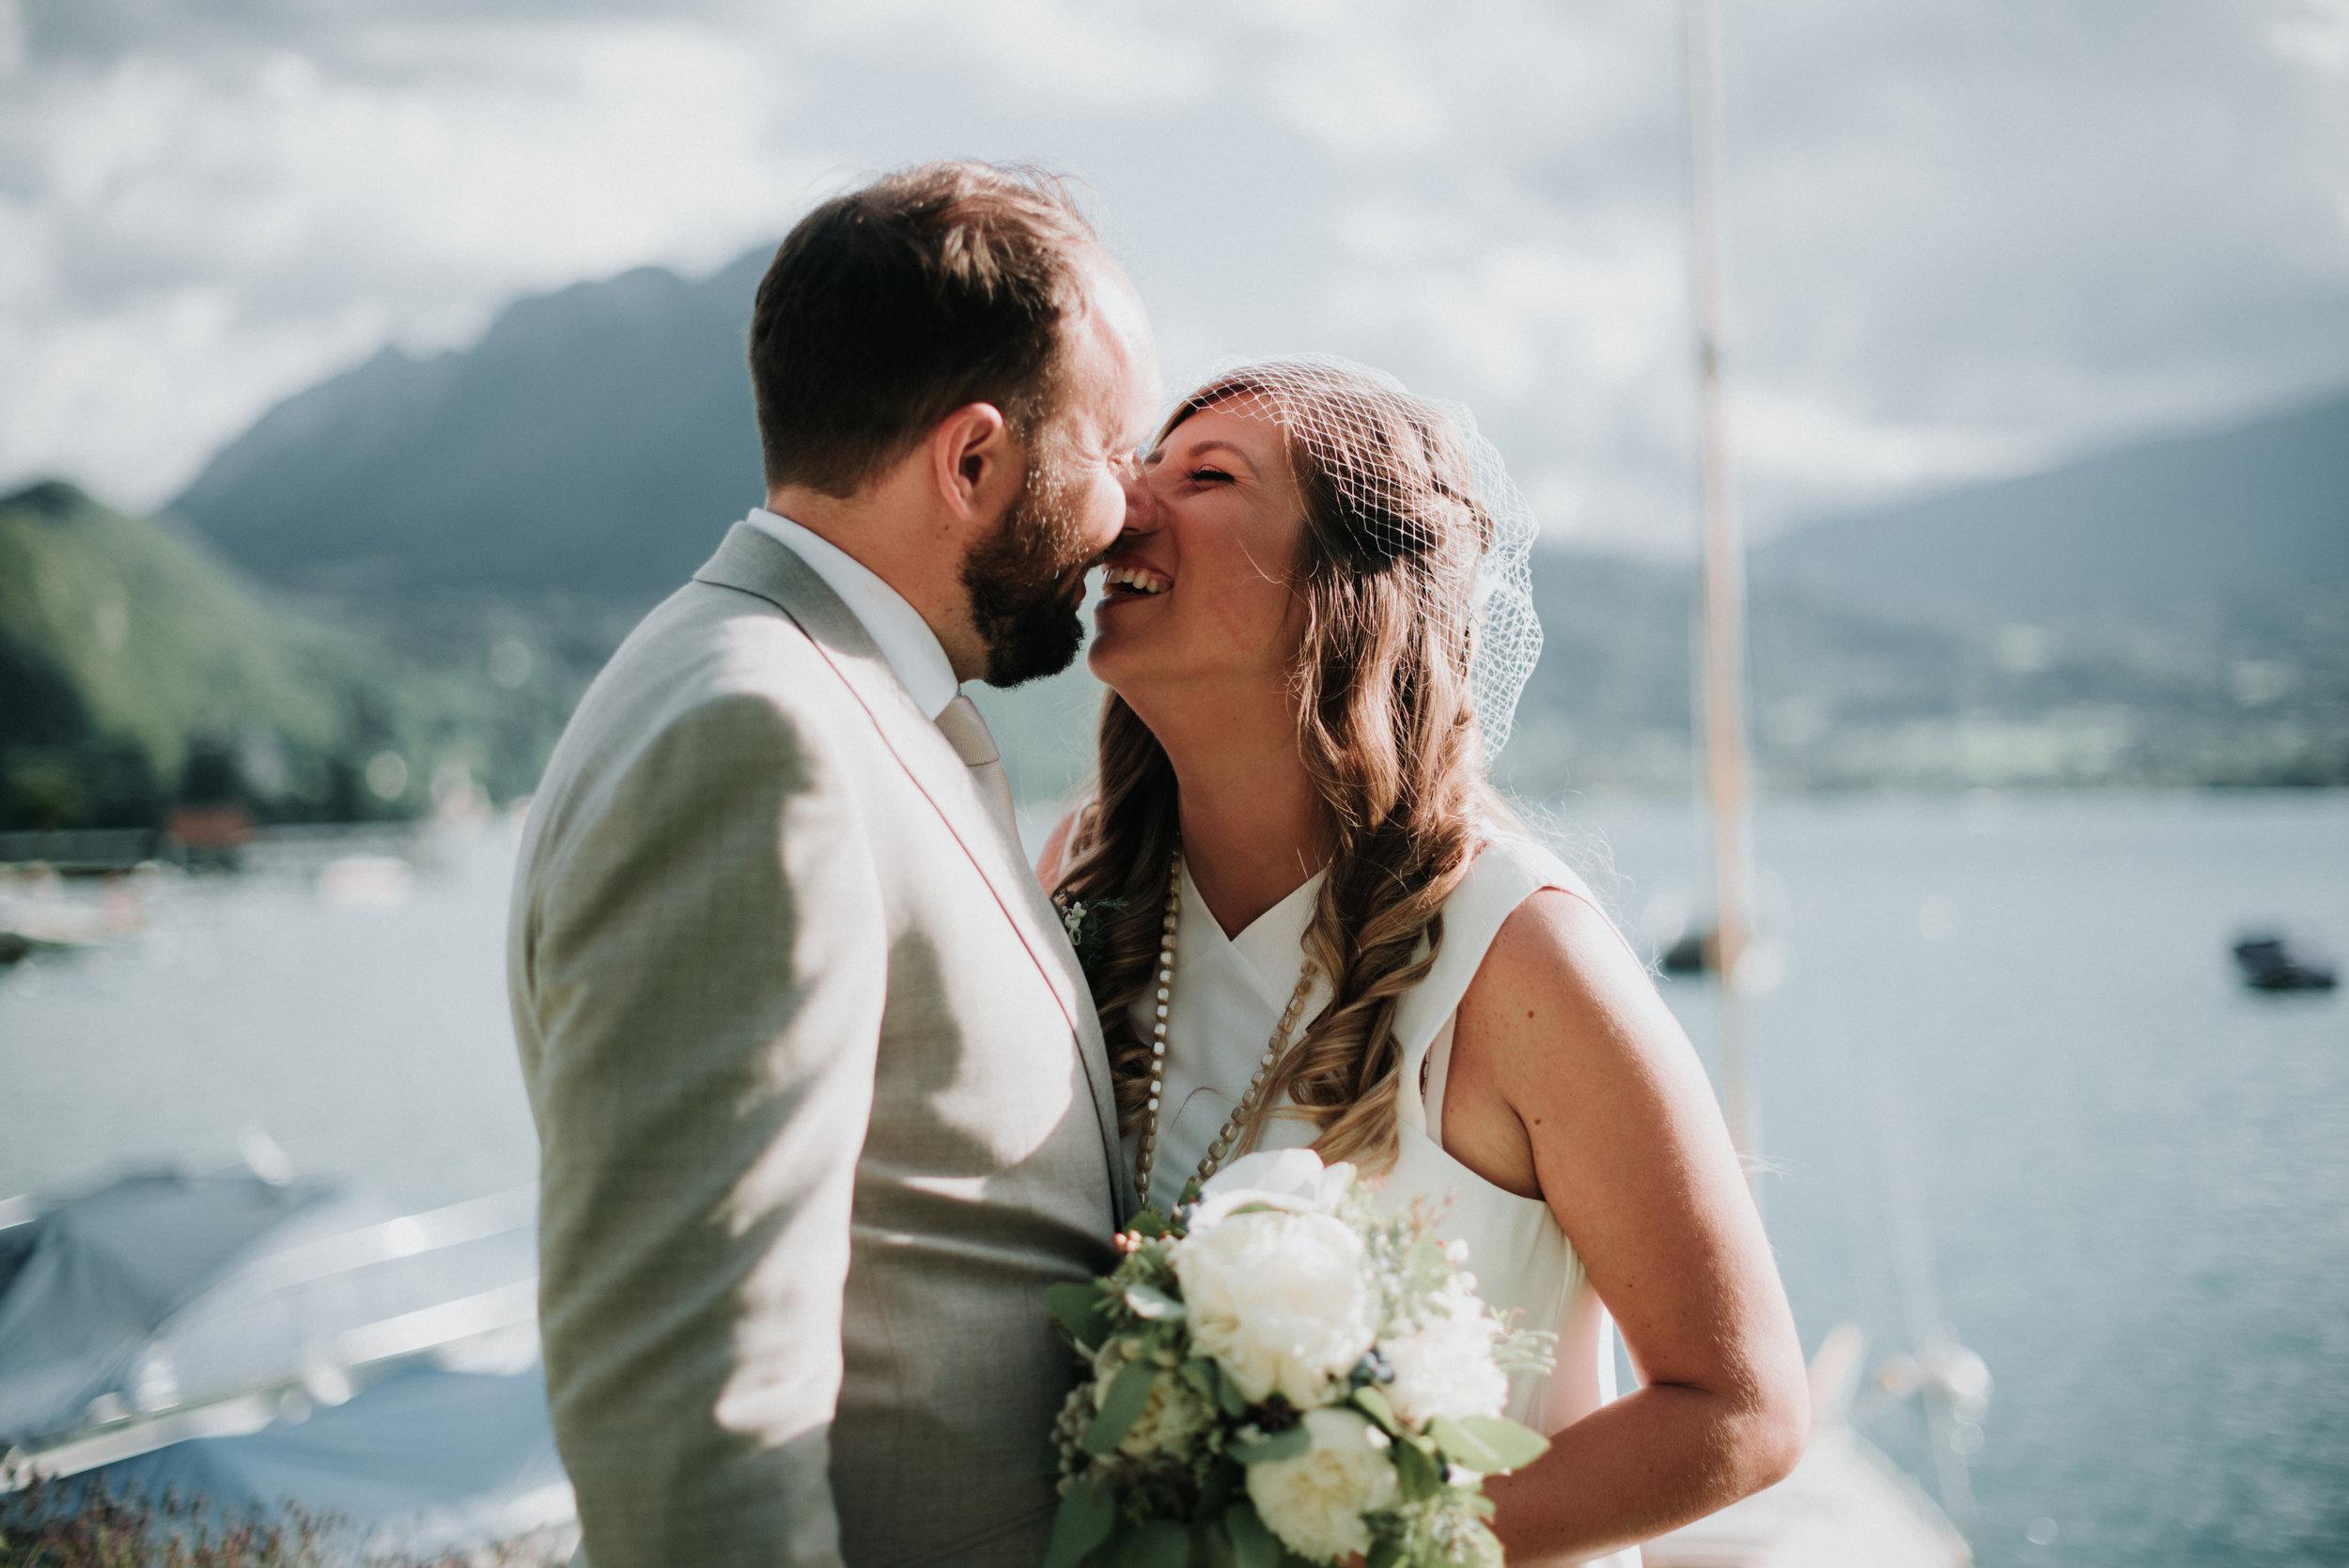 Léa-Fery-photographe-professionnel-lyon-rhone-alpes-portrait-creation-mariage-evenement-evenementiel-famille-8693.jpg